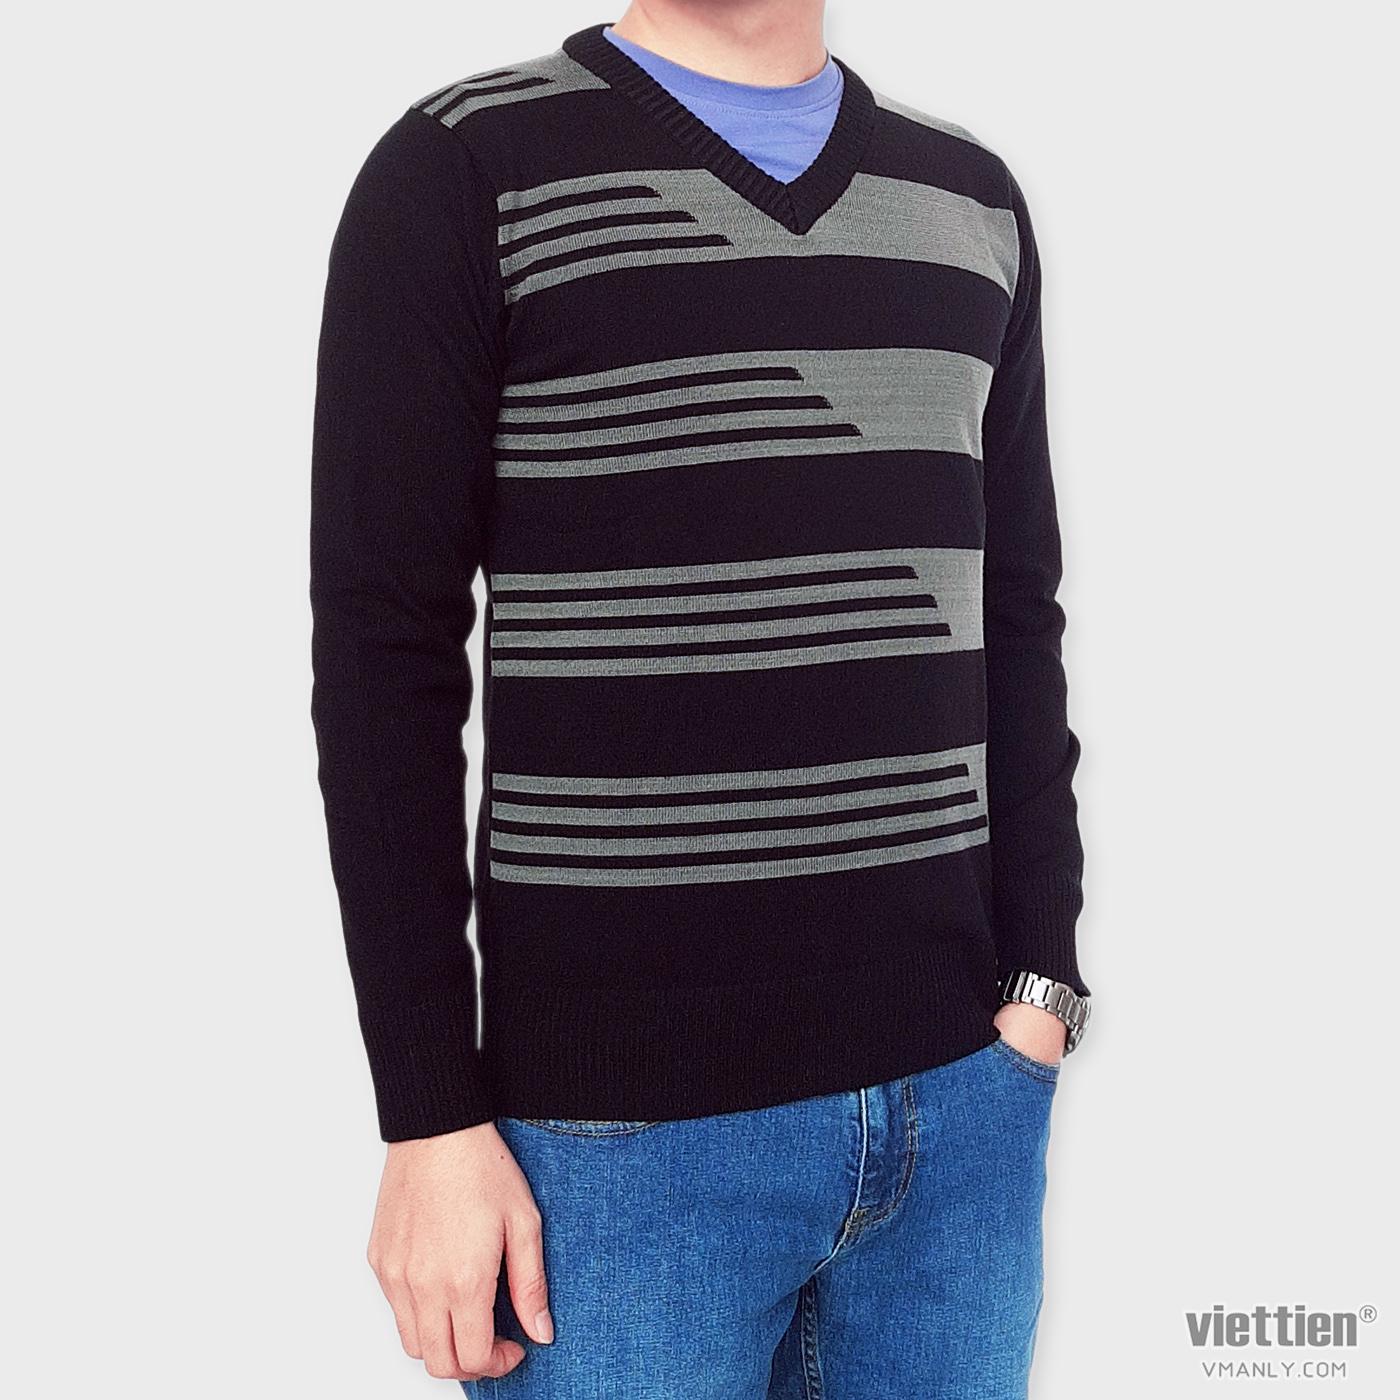 Áo len dài tay Việt Tiến cổ tim màu đen sọc xanh 6E9007CH4/LTI